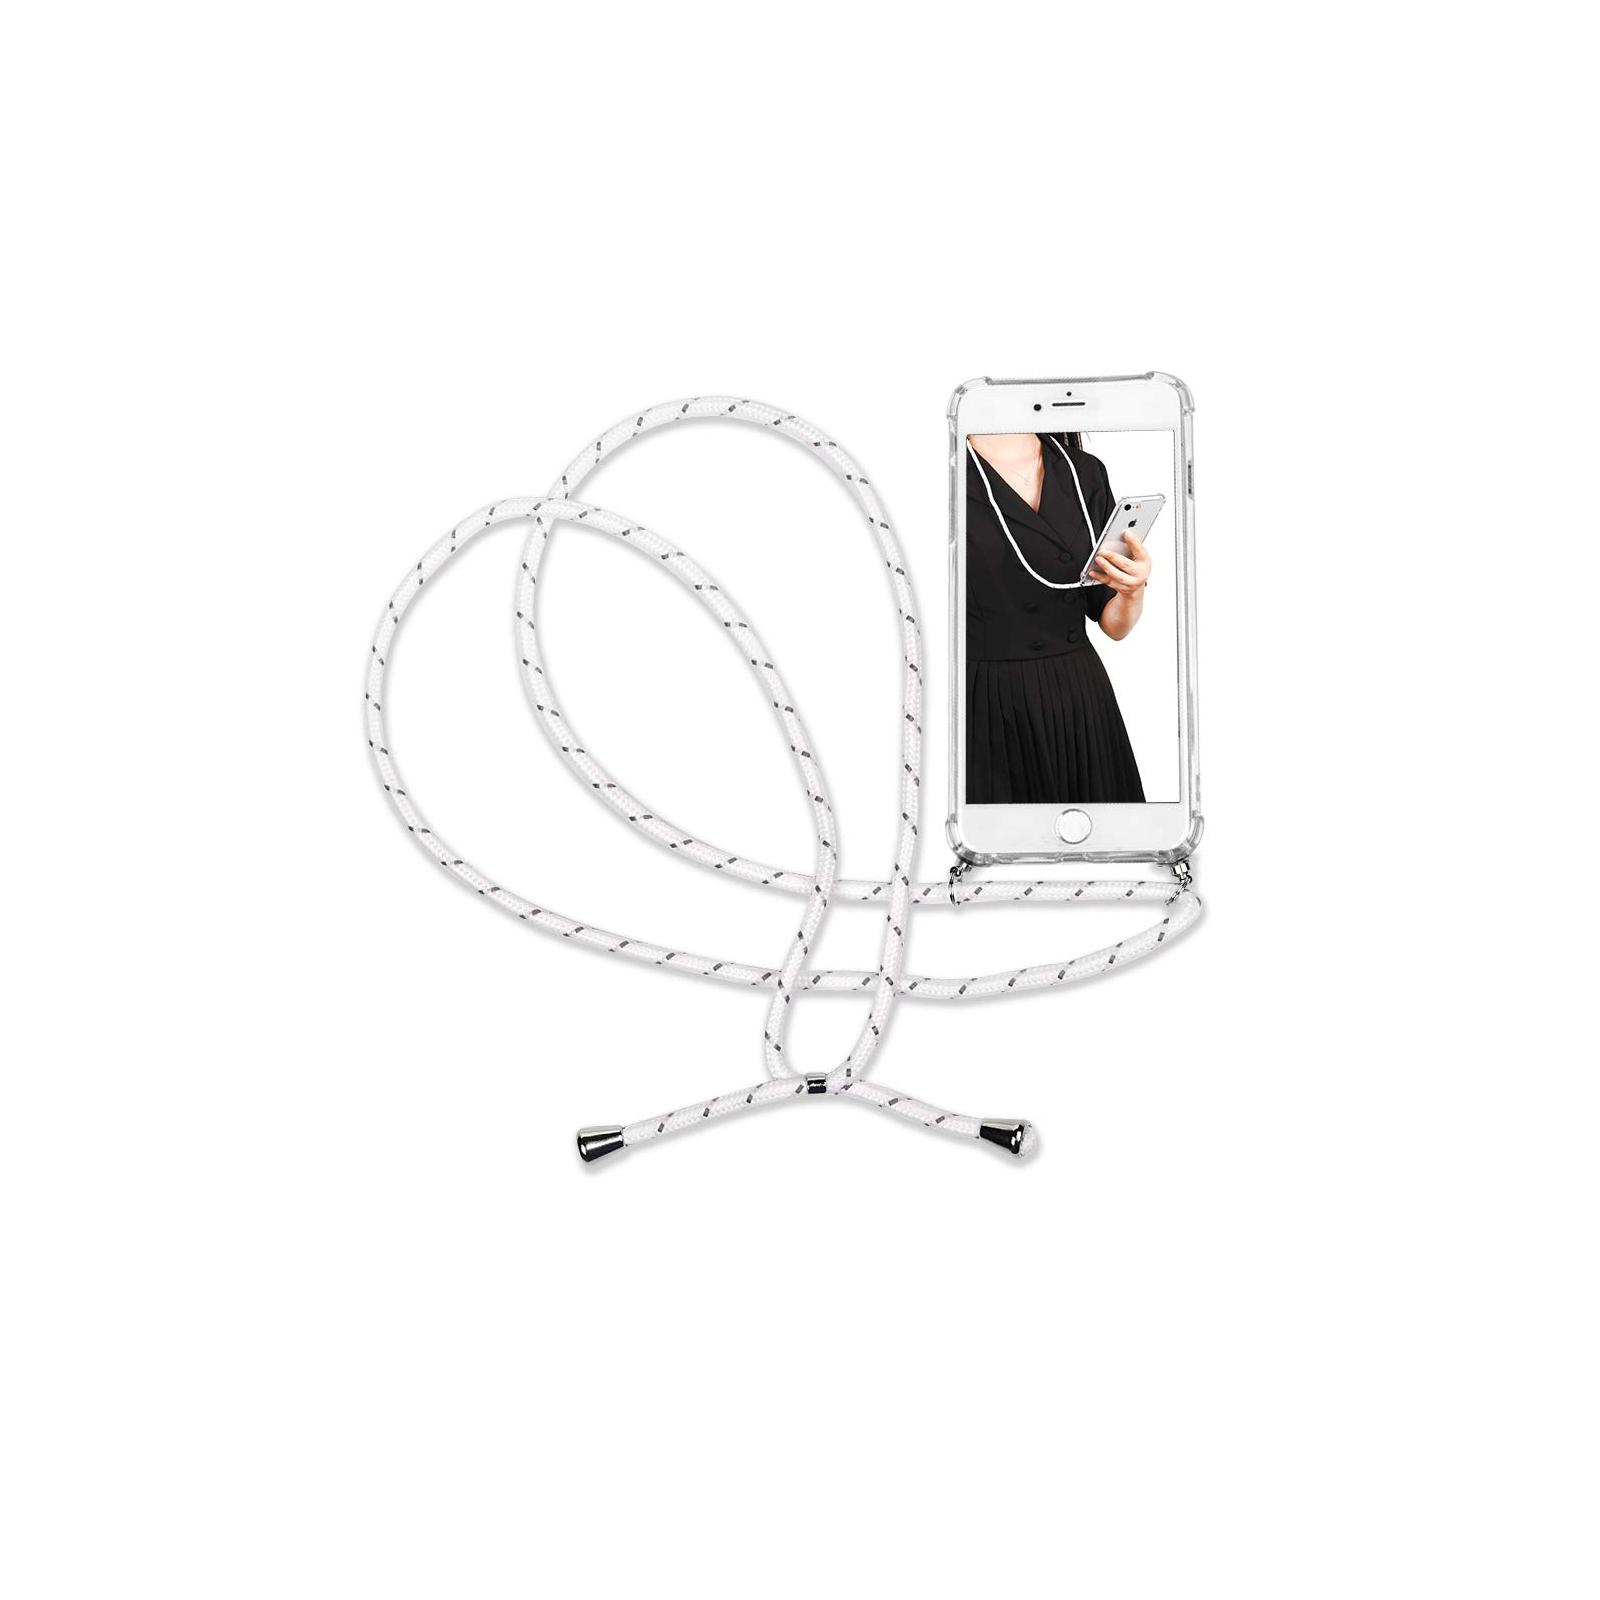 Чехол для моб. телефона BeCover Strap Apple iPhone 11 White (704244)